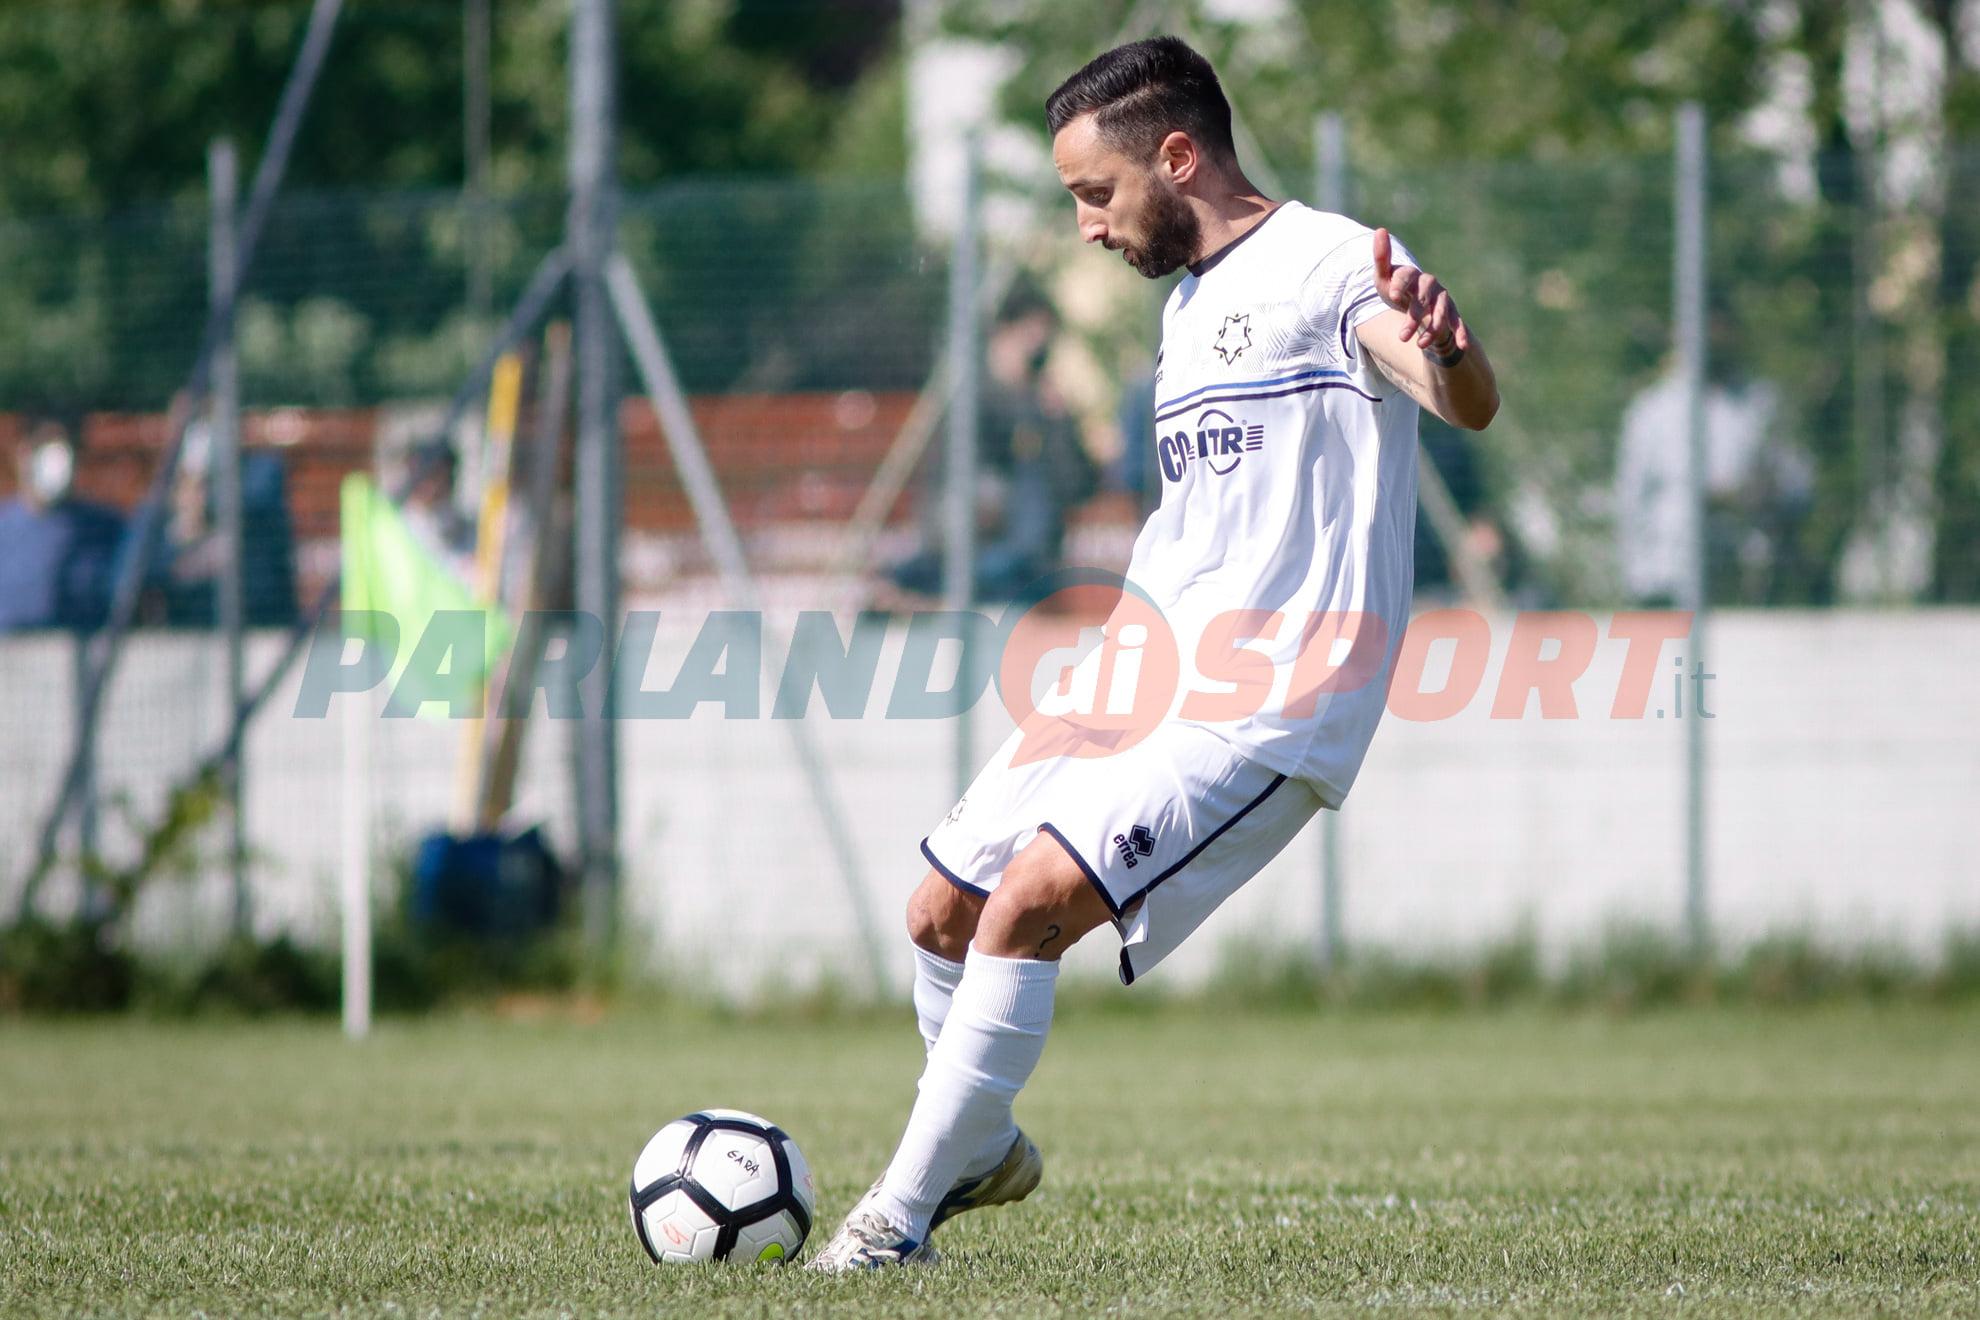 Dilettanti - Eccellenza: Piccardo Traversetolo-Cittadella 3-4, i gol del match